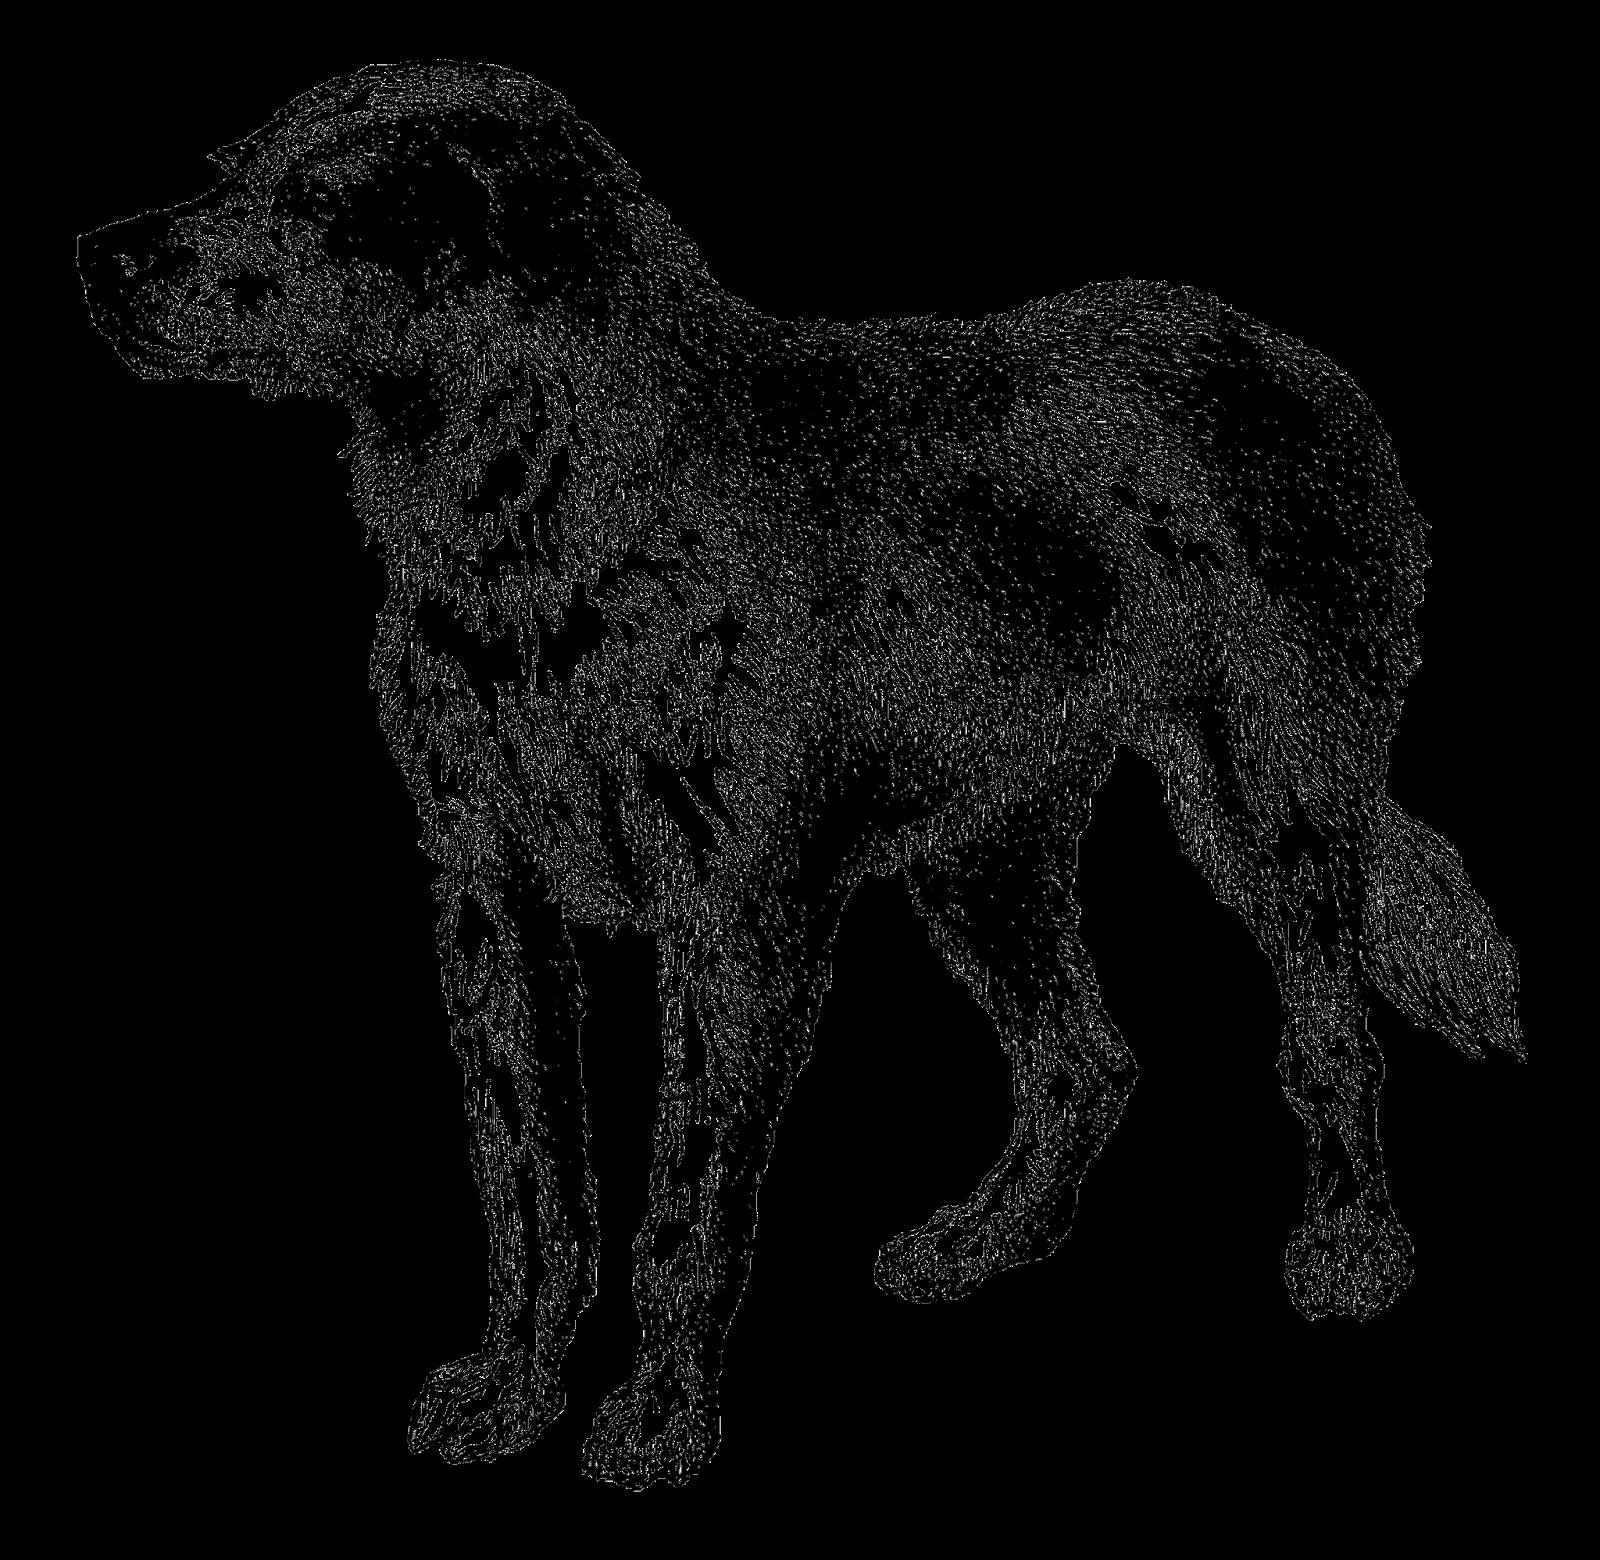 Antique Images: Vintage Dog Breed Boarhound Digital Download.